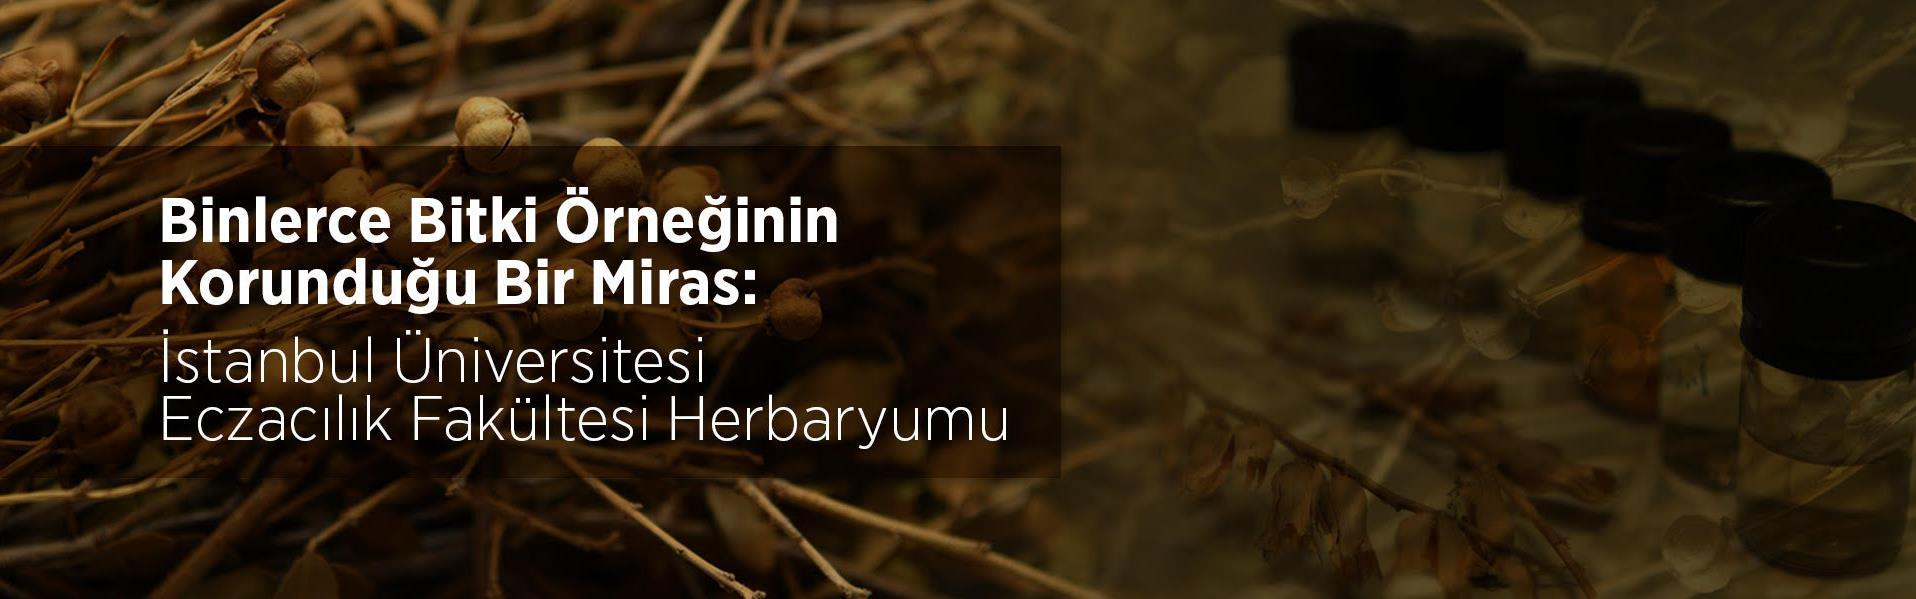 herbaryum eczacılık